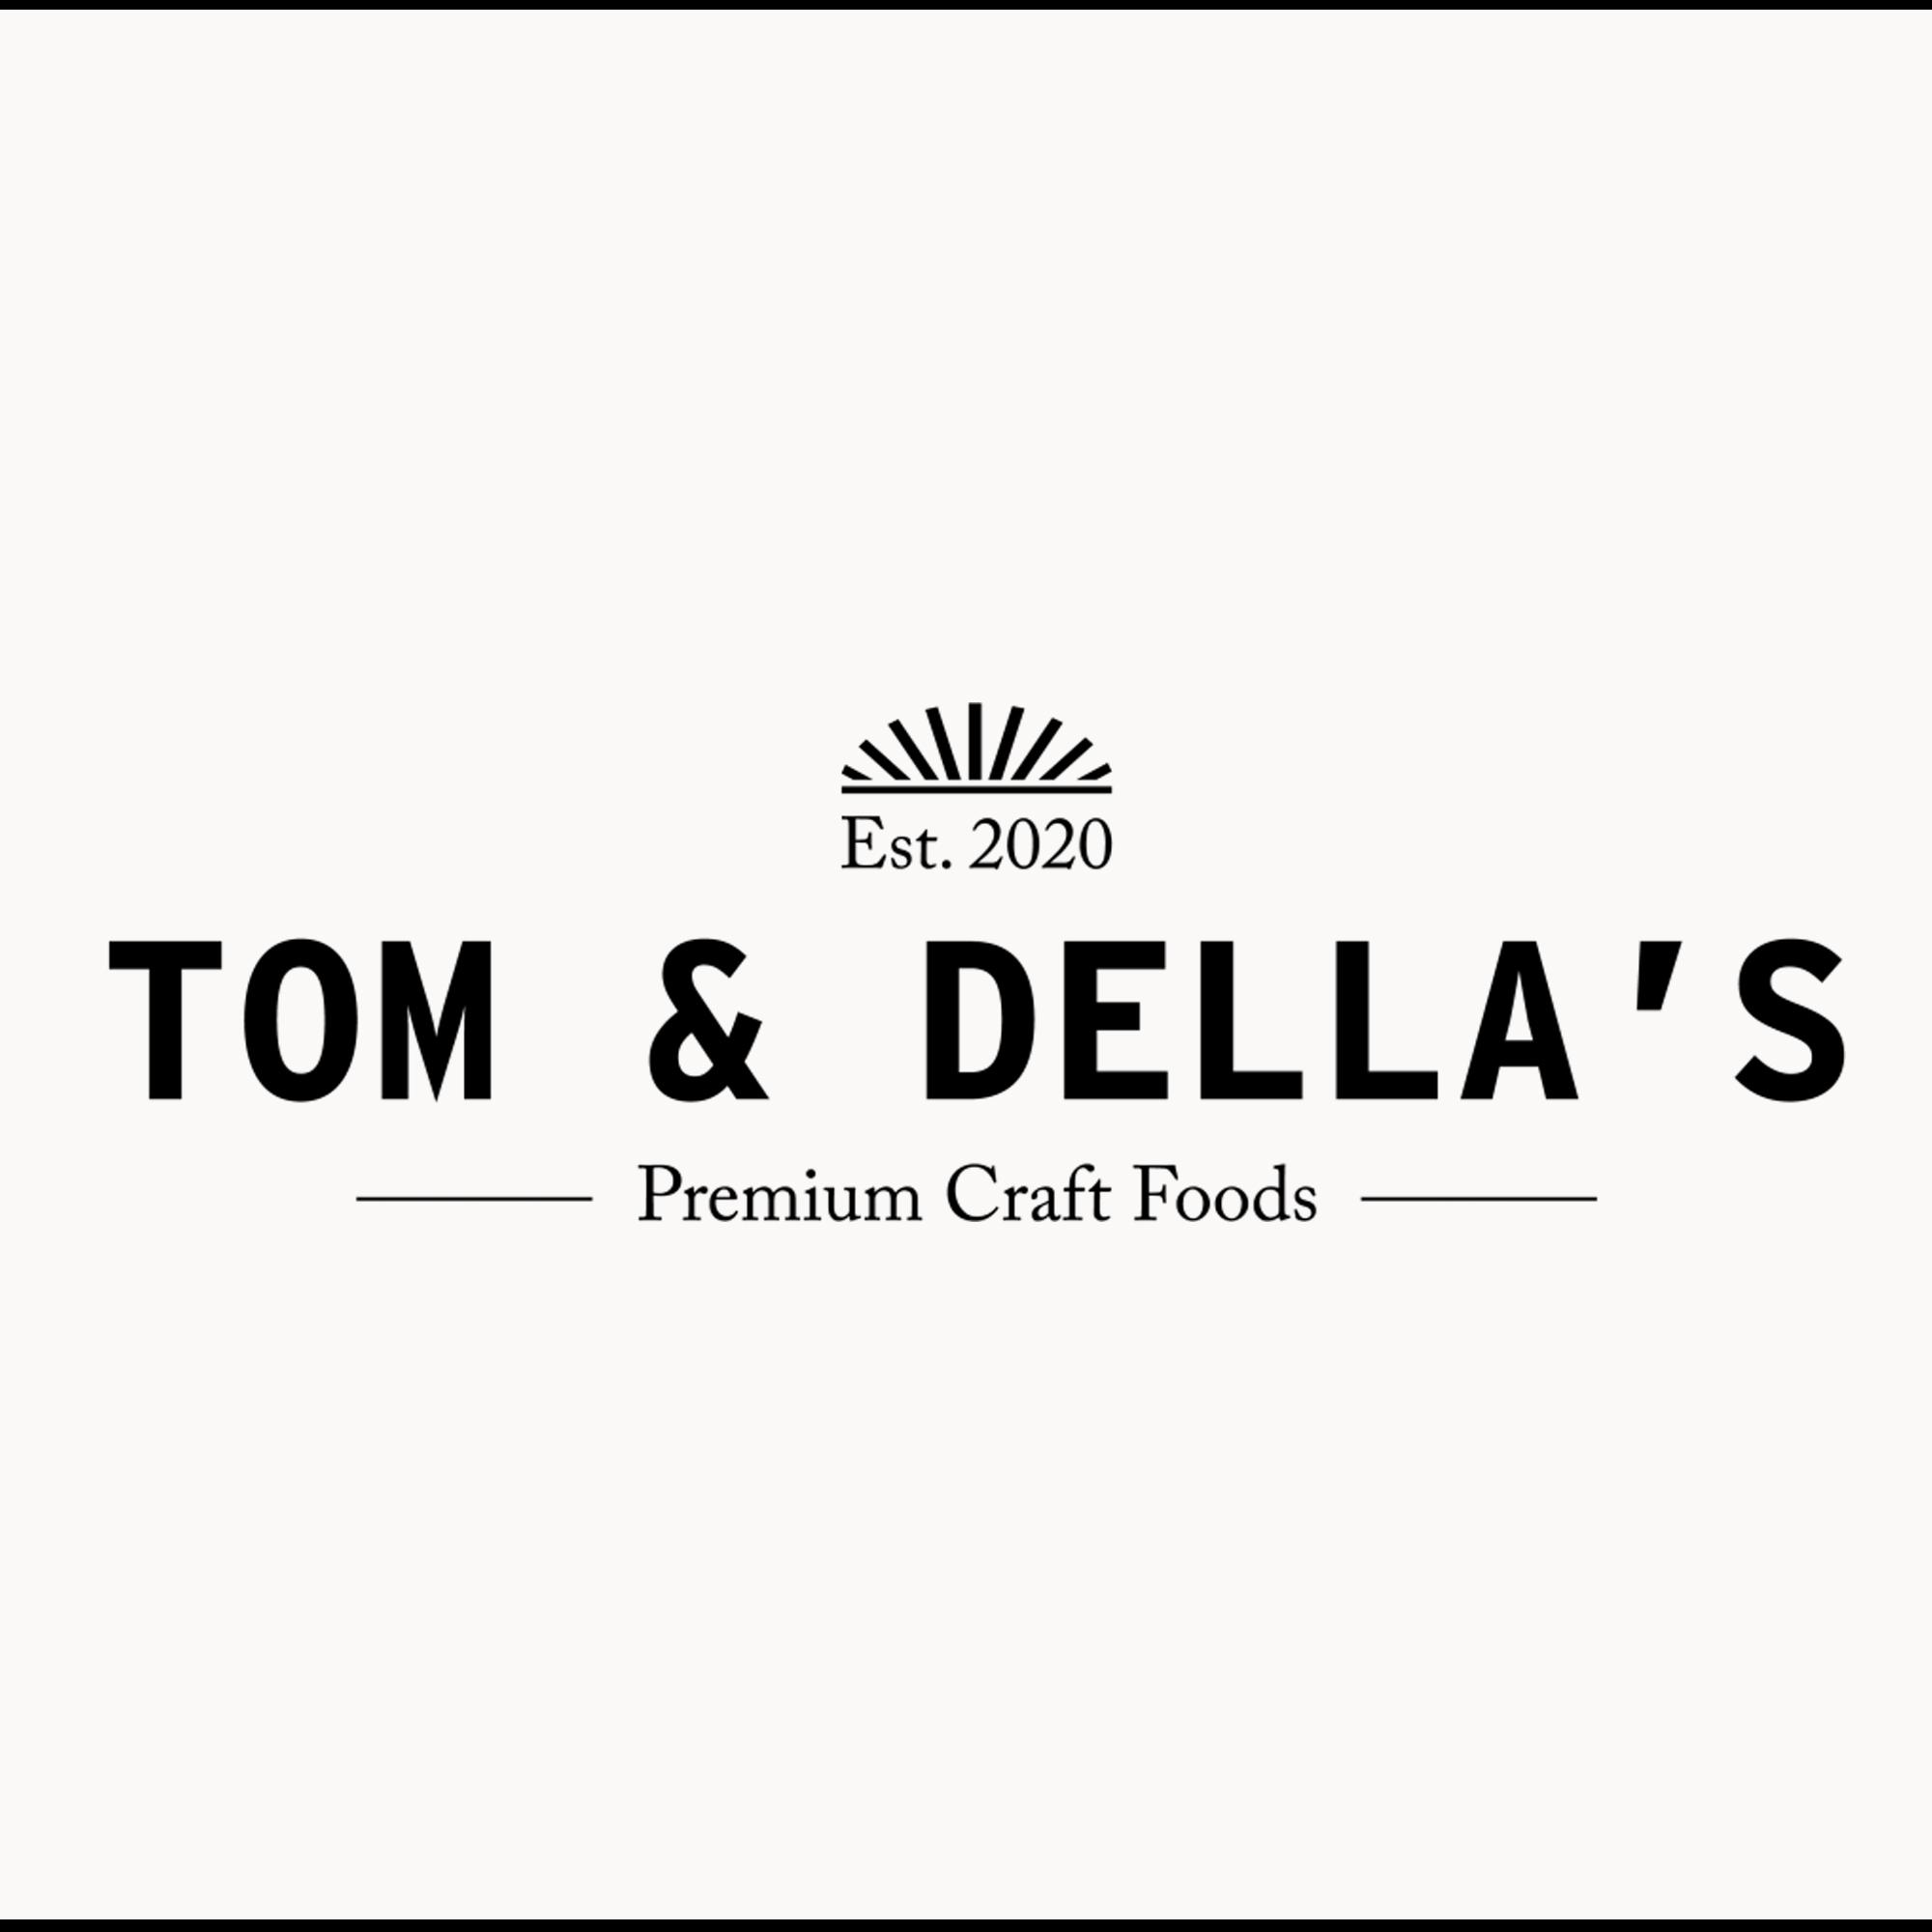 Tom and Della's